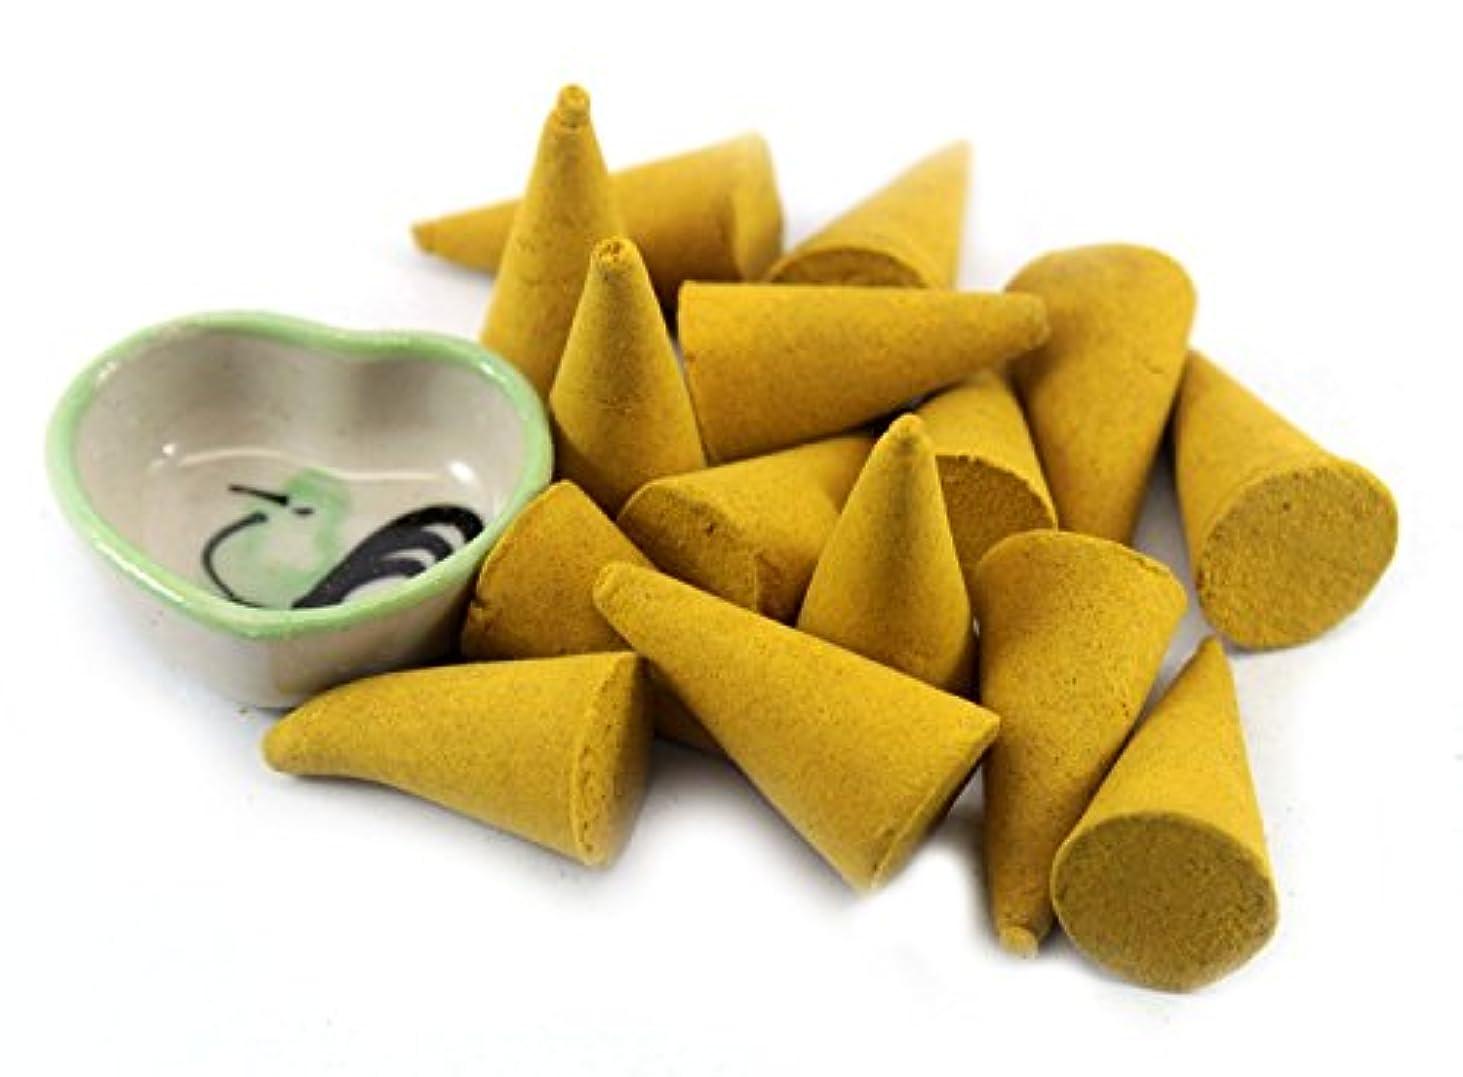 プレーヤーあいさつ才能ChampakaフローラルIncense Cones with Burnerホルダー100ピースパックThaiEnjoy製品